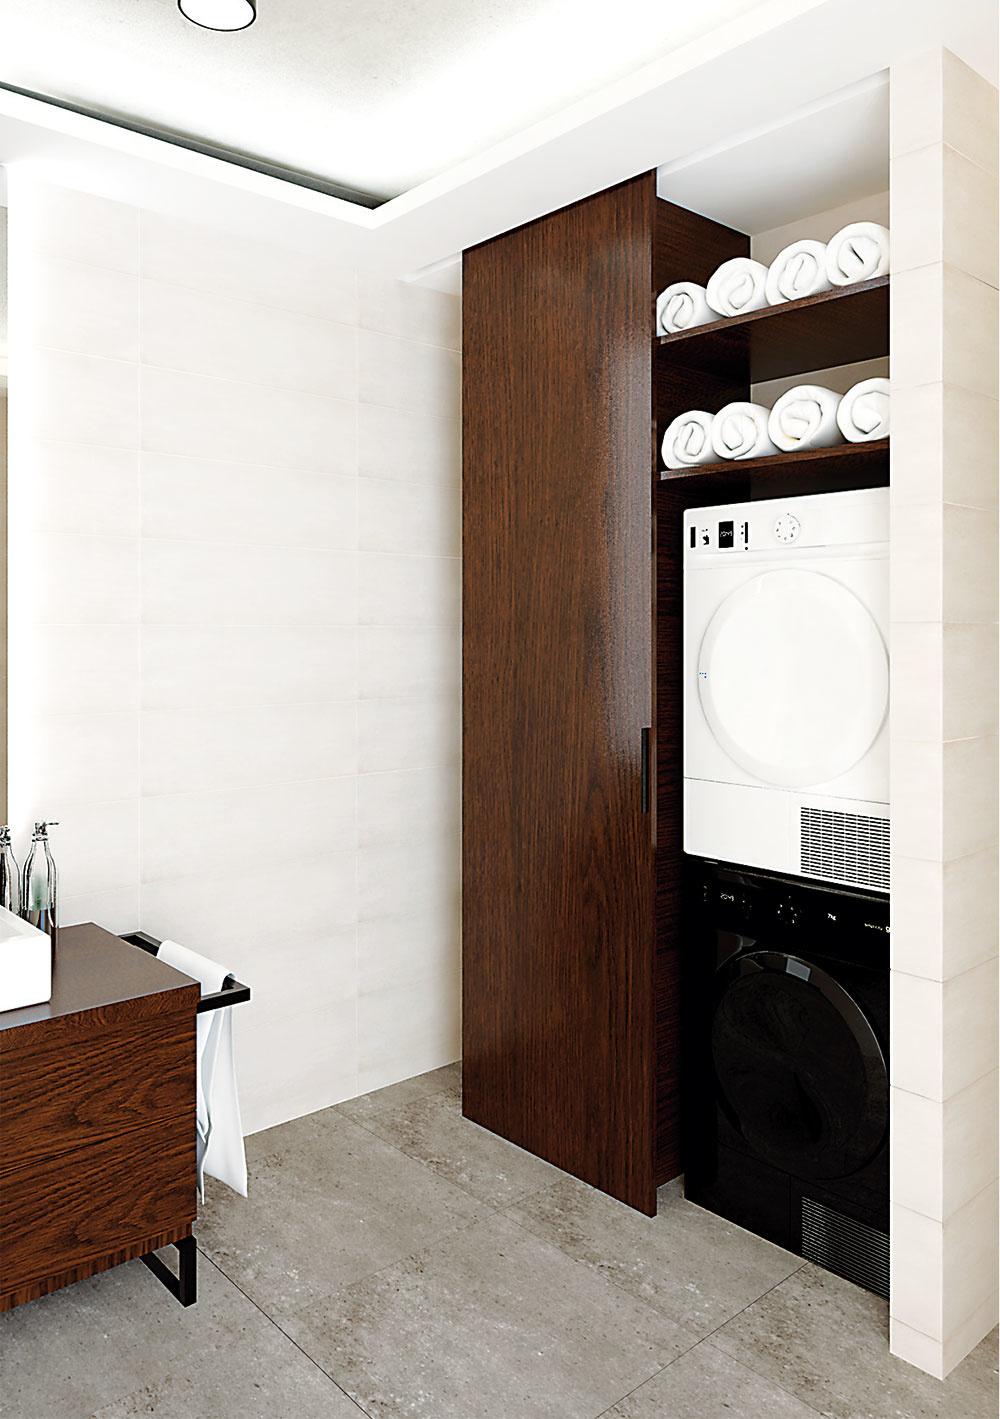 Práčku so sušičkou umiestnil architekt za posuvné dvere s mechanizmom šikovne ukrytým v podhľade. Nad sušičkou vznikla vítaná odkladacia plocha.